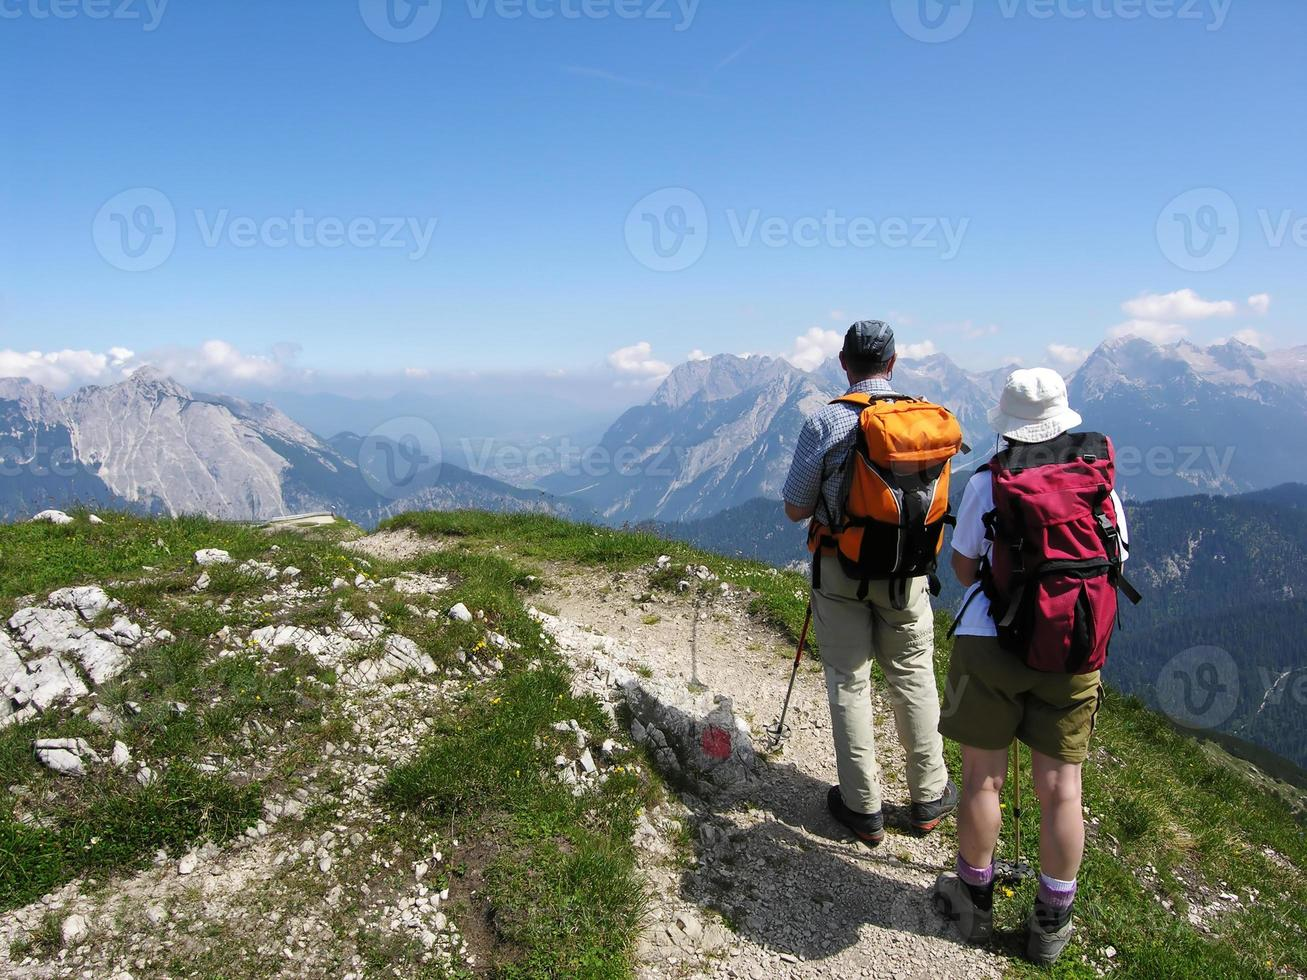 wandelaars op de berg genieten van uitzicht voordat ze weer naar beneden gaan foto